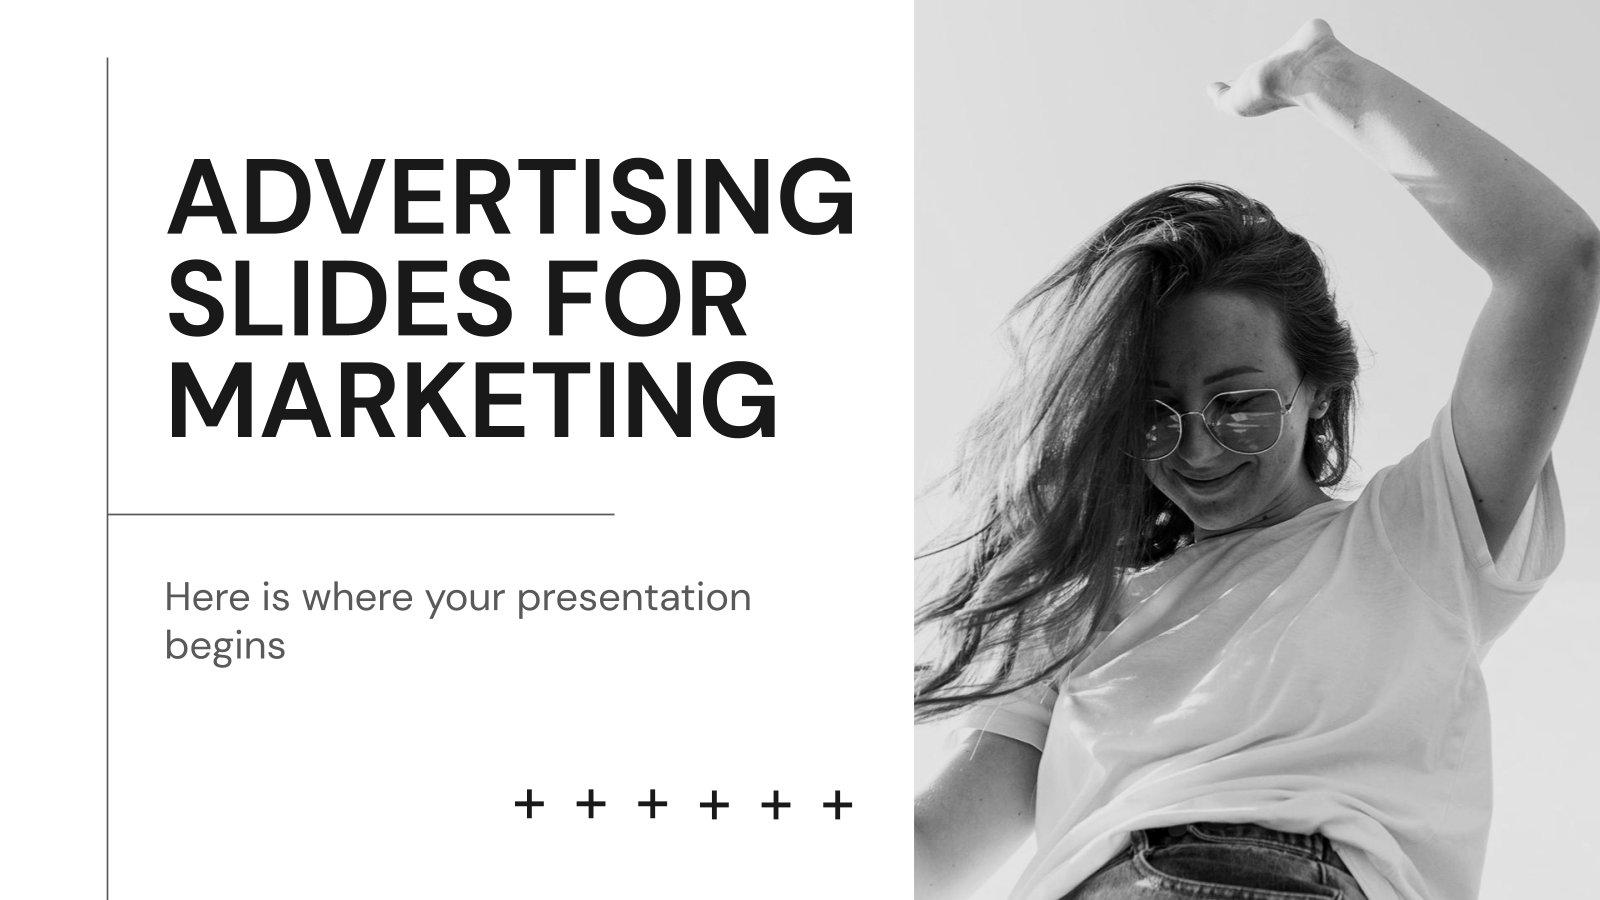 Werbefolien für Marketing Präsentationsvorlage